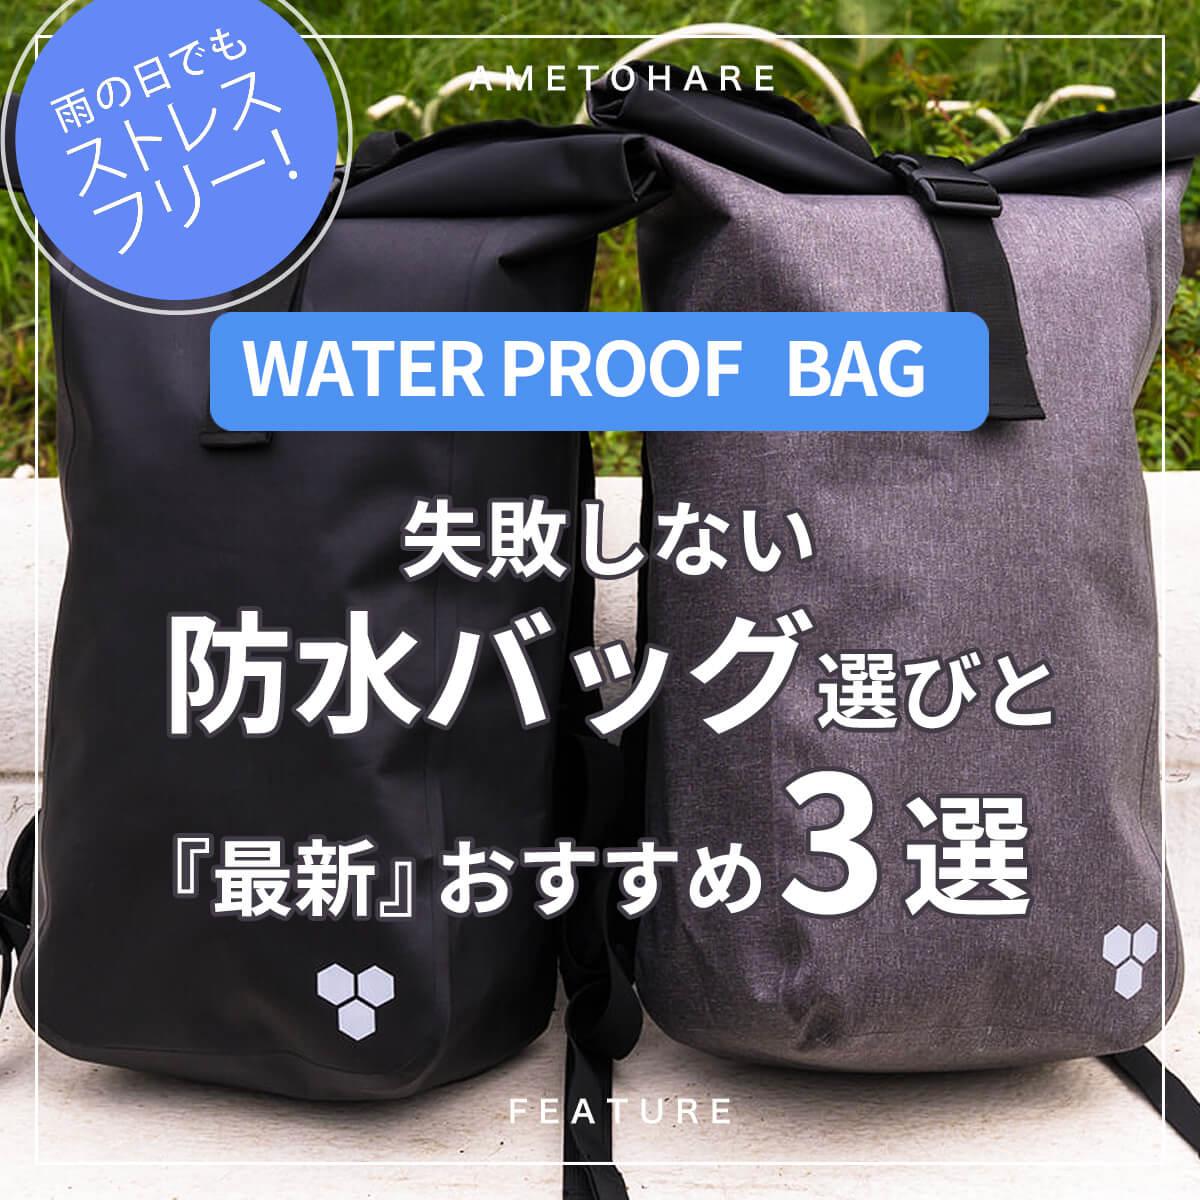 【防水バッグ&リュック おすすめ3選】失敗しないカバン選びで雨の日も快適に♪